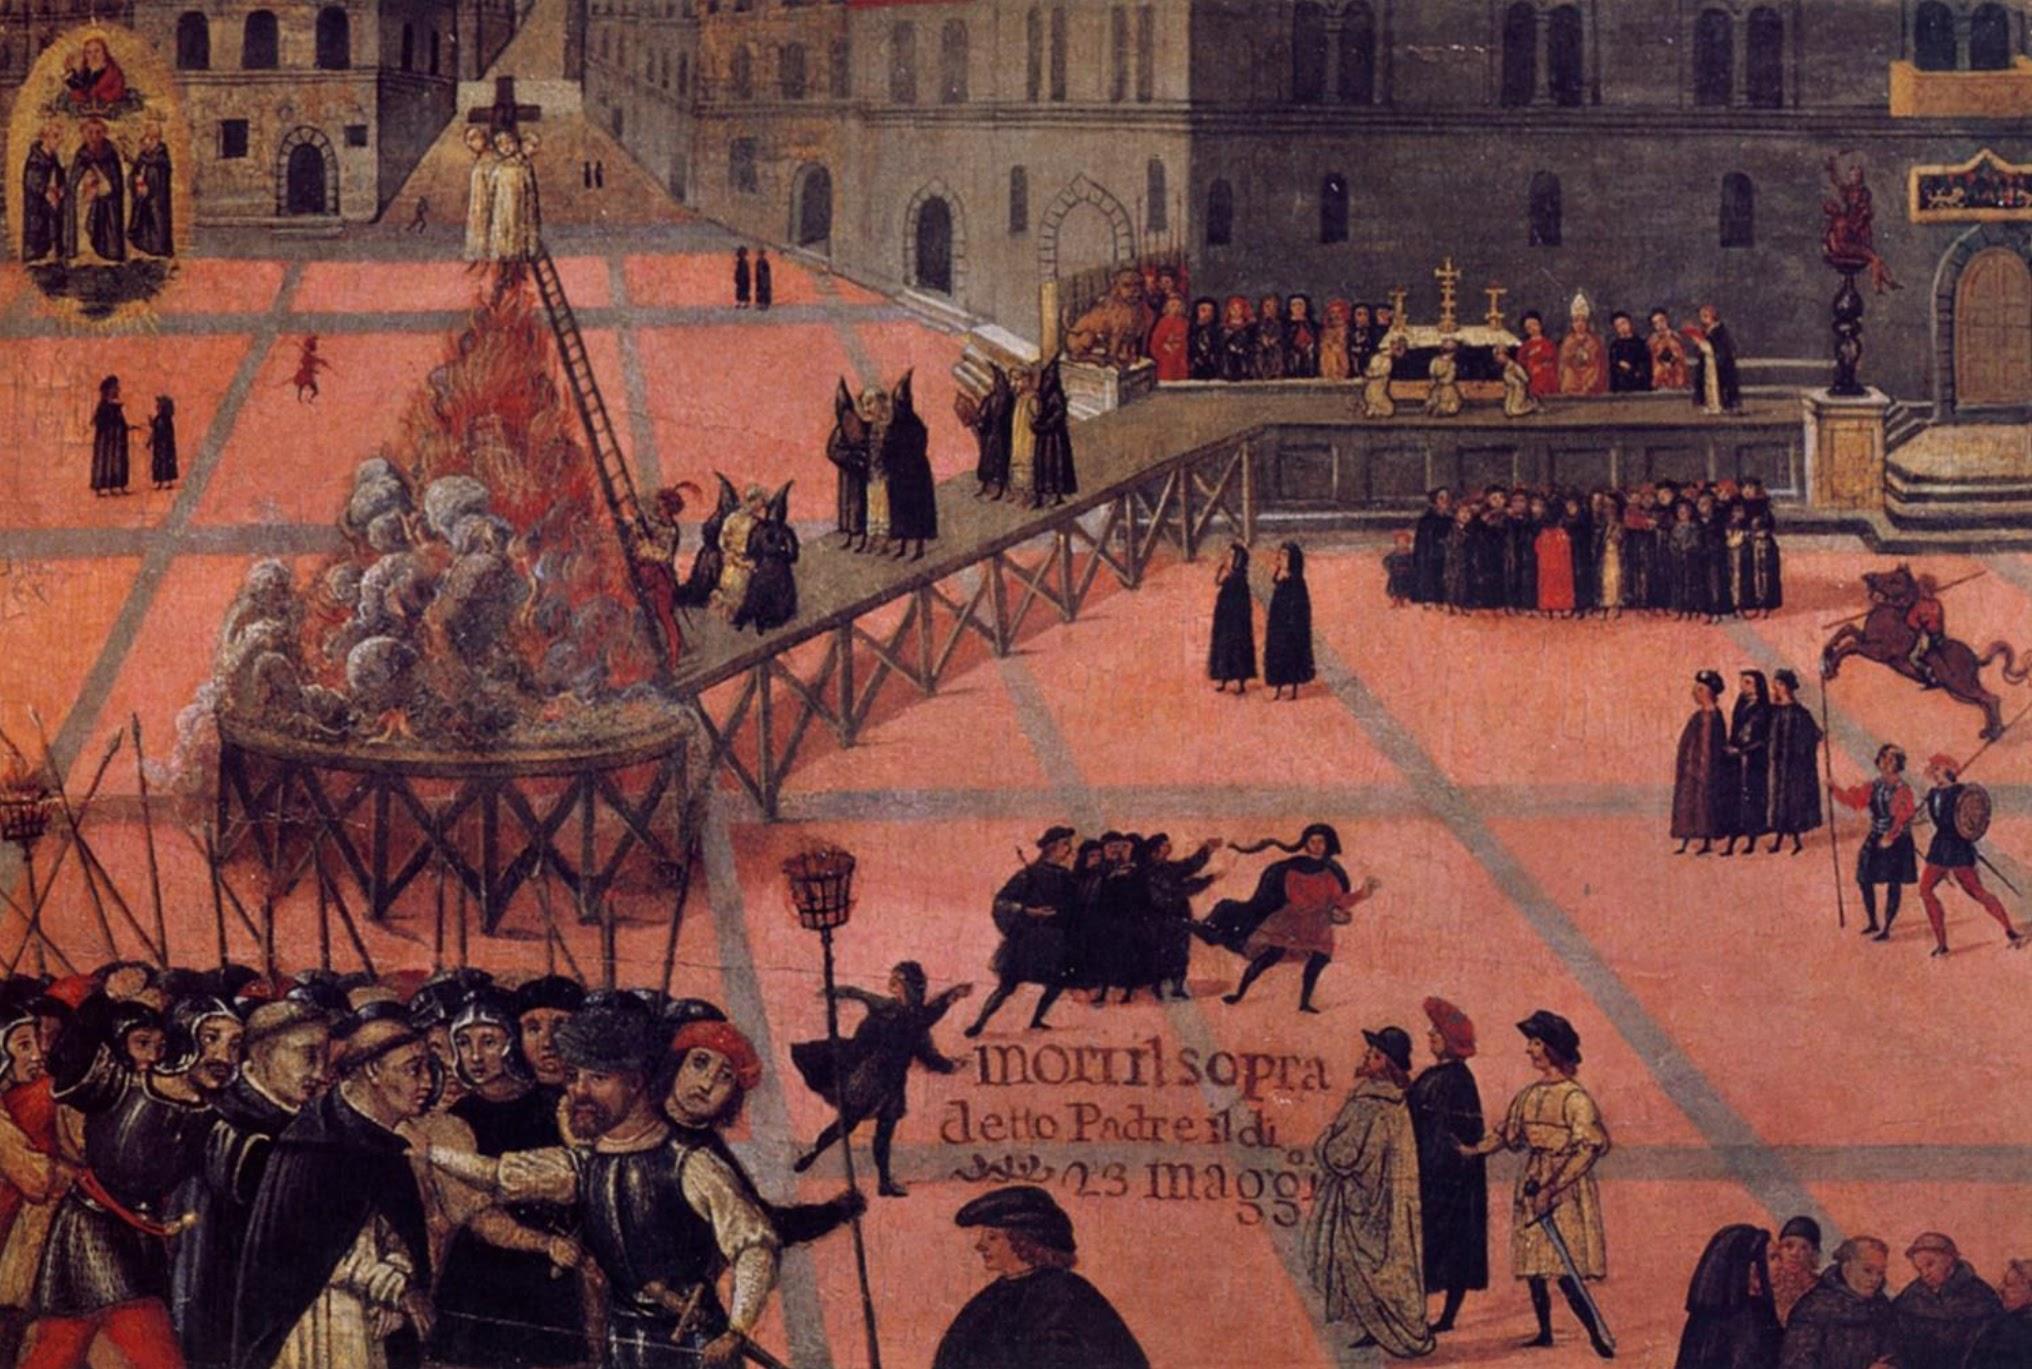 Piazza della Signoria, dettaglio della ringhiera e il Marzocco (in alto a destra), Anon, Burning of Girolamo Savonarola, May 23, 1498